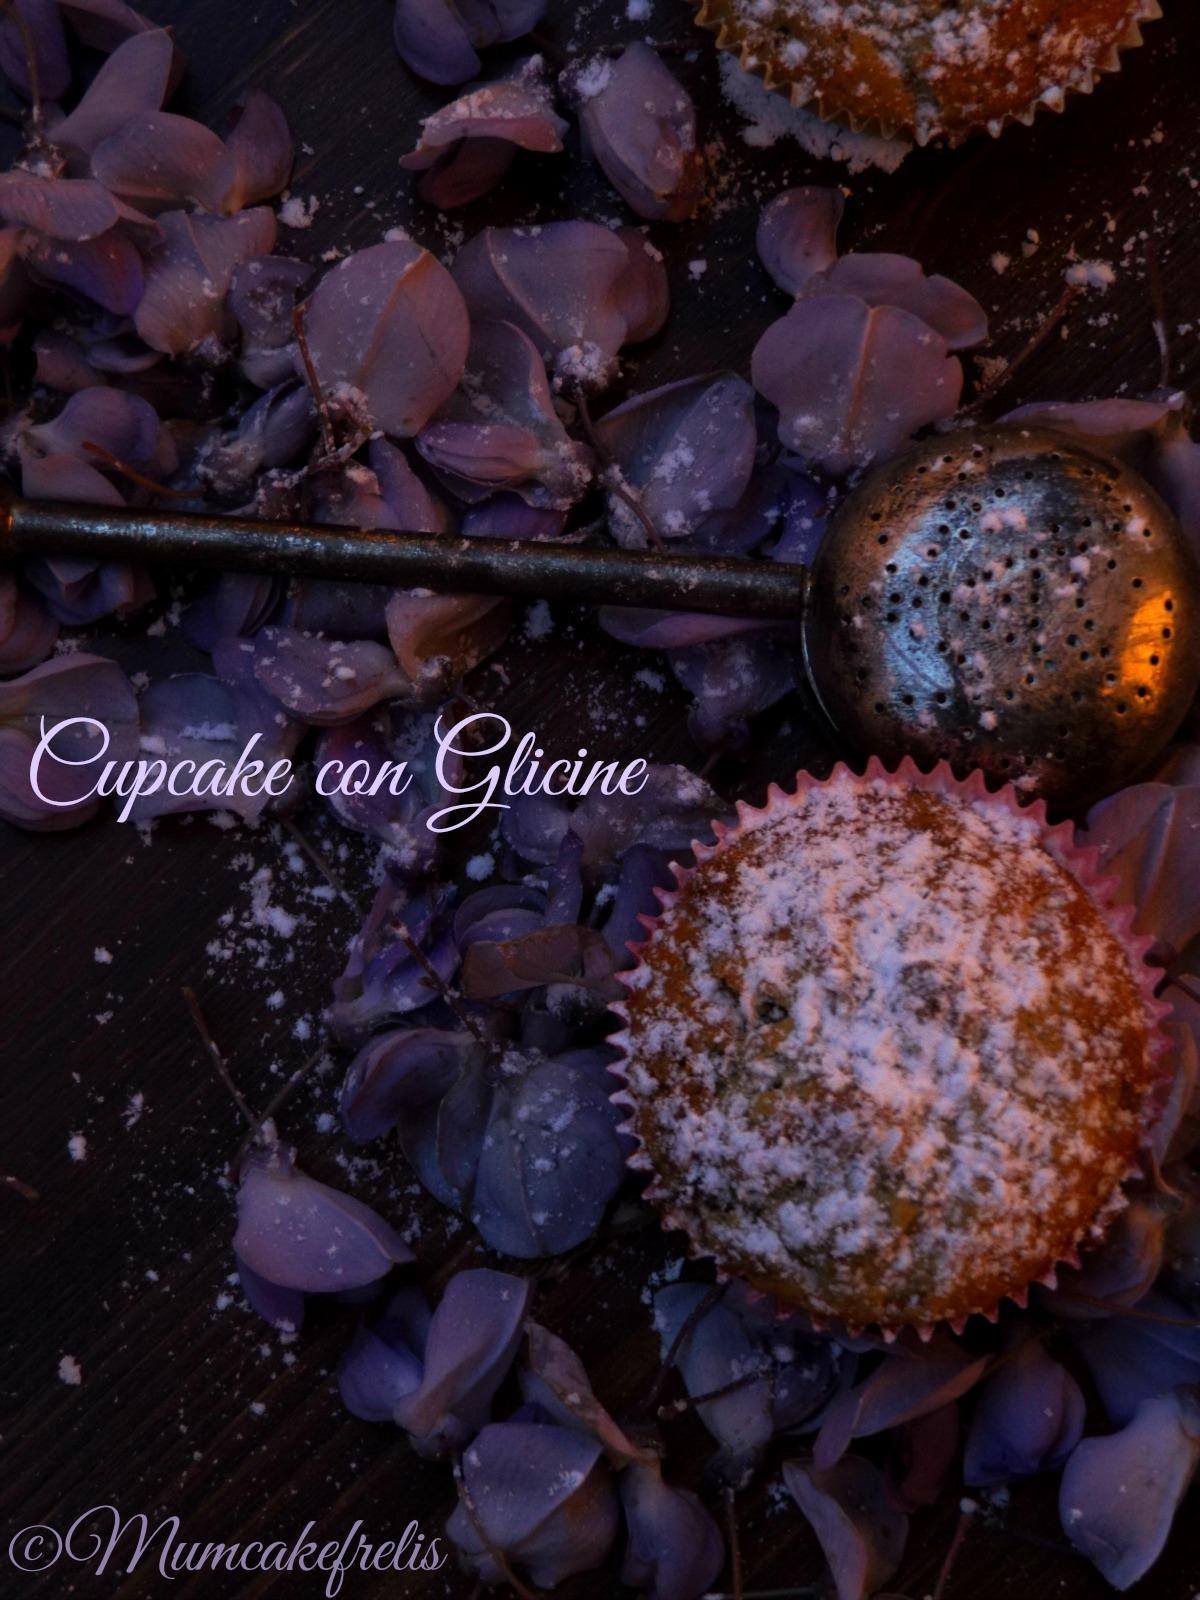 Cupcake con Glicine